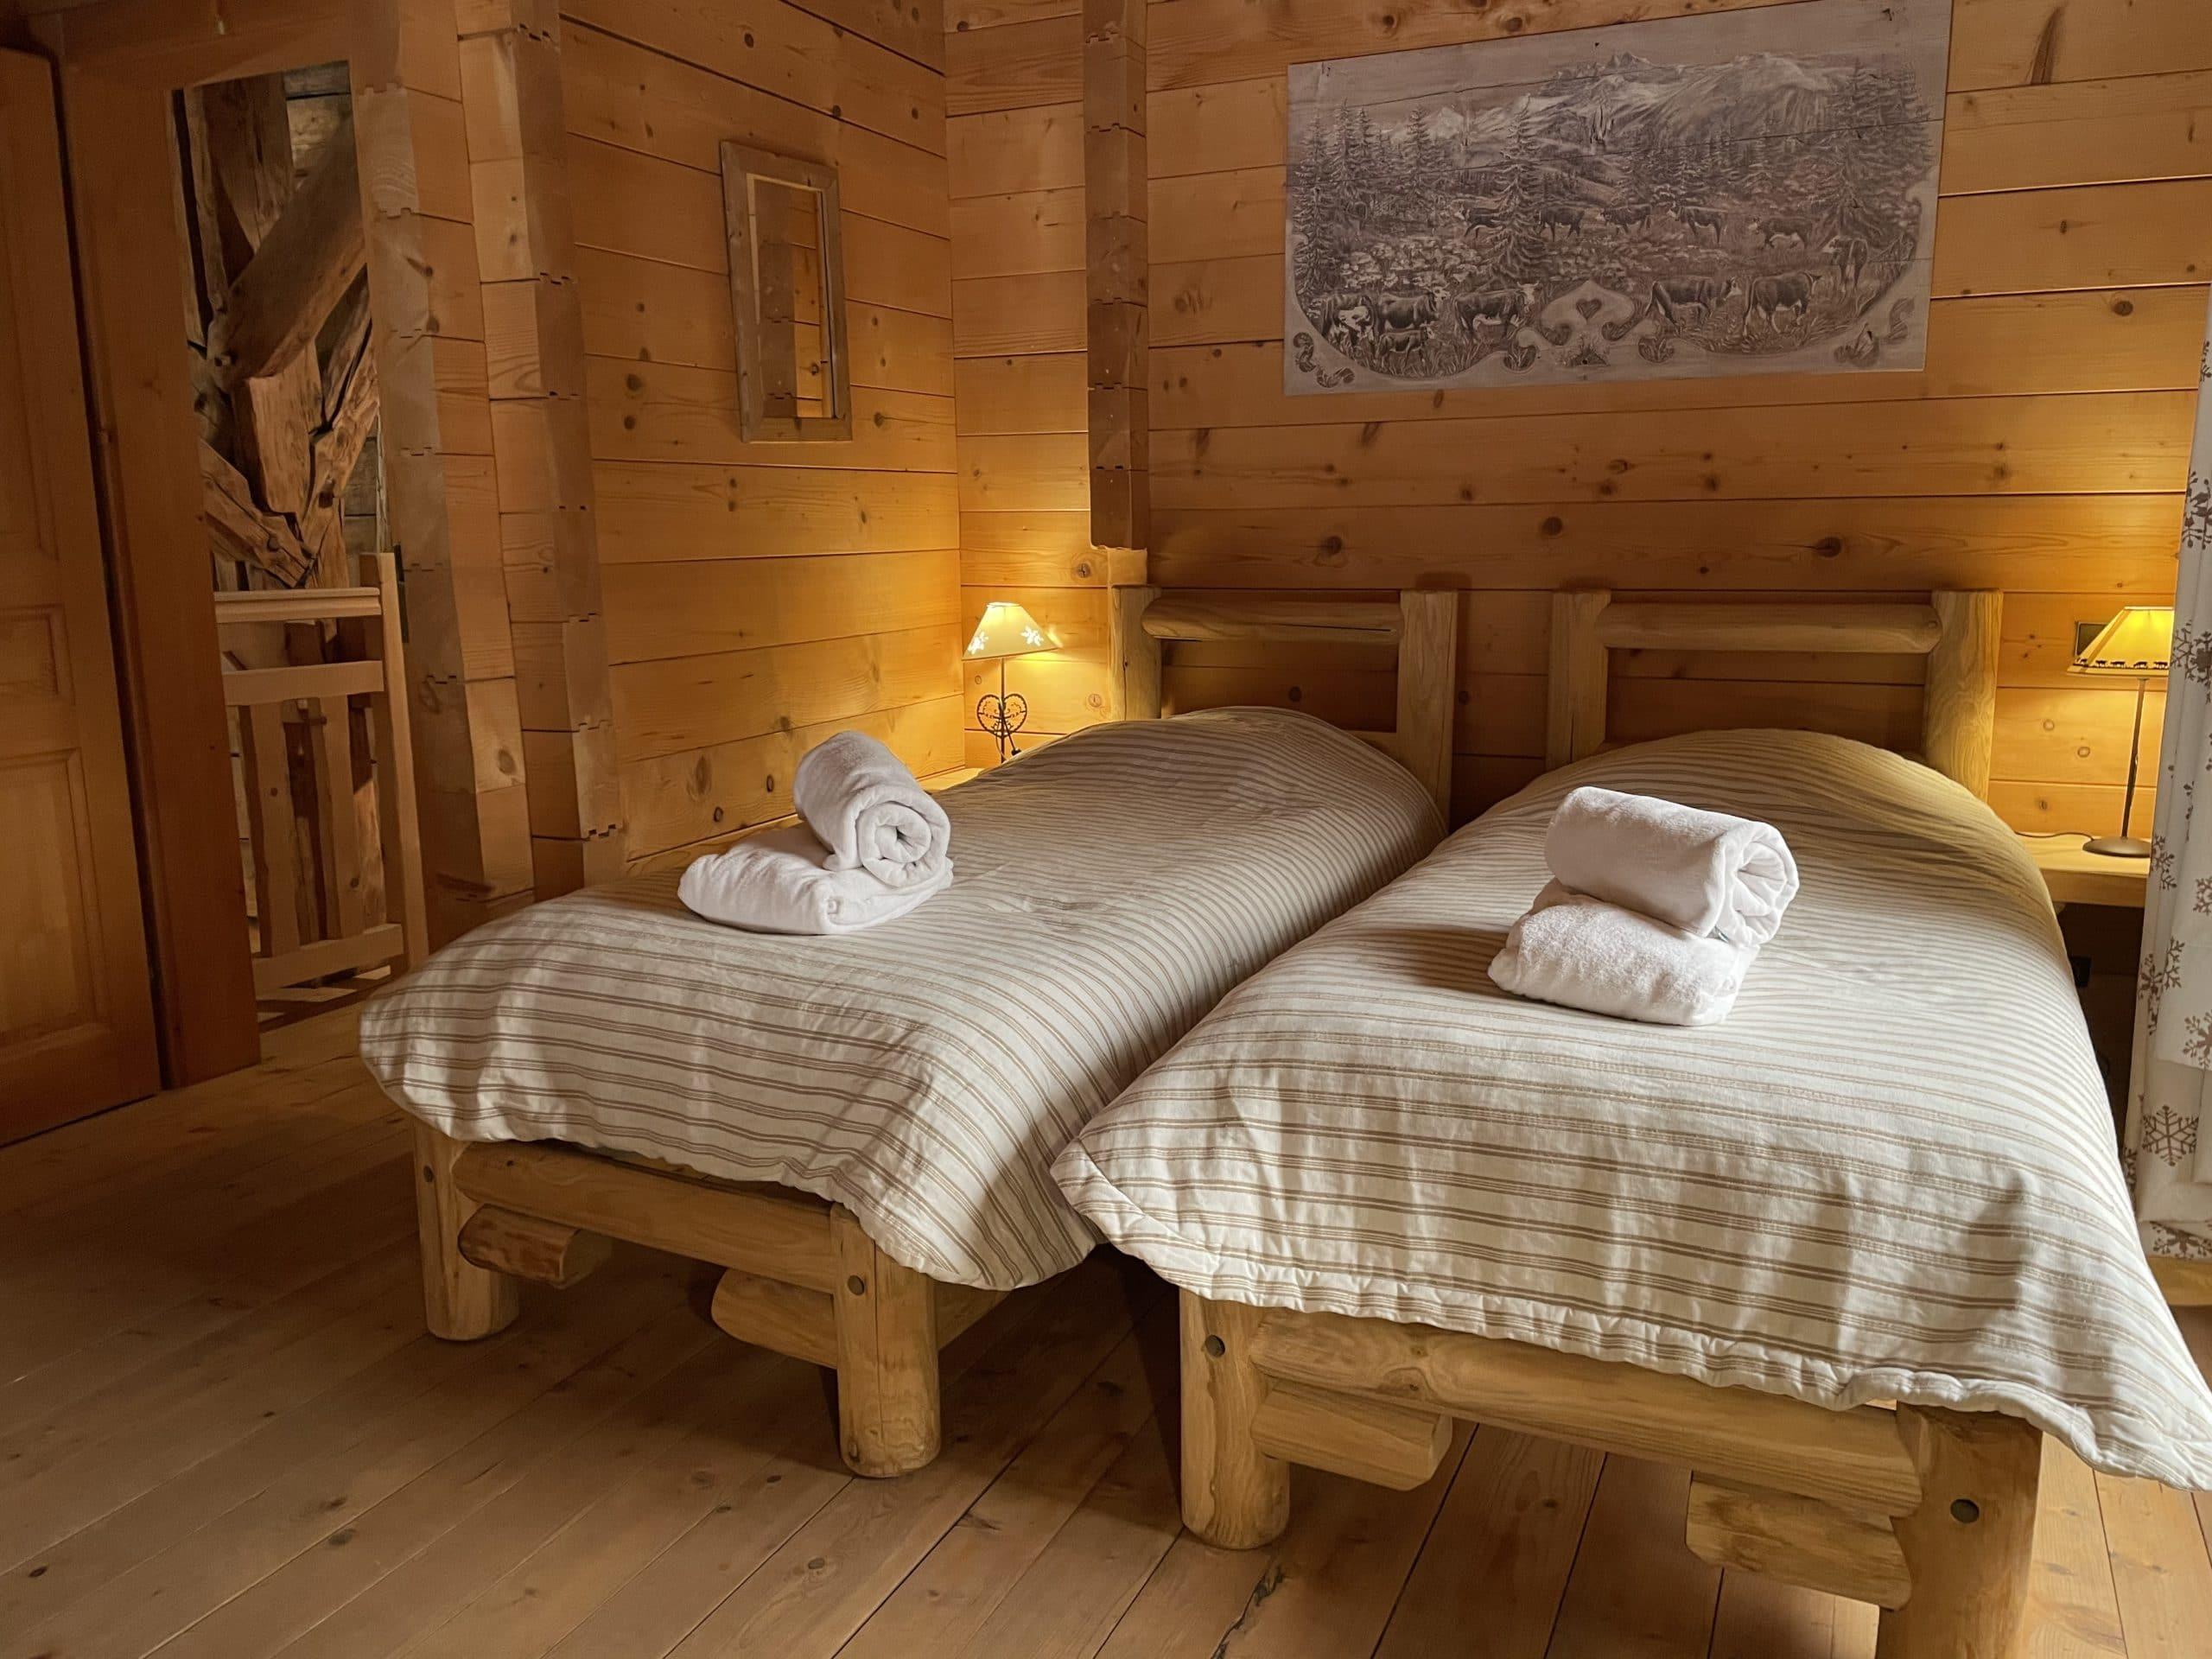 Lit confortable avec matelas épais pour des nuits apaisantes à la montagne